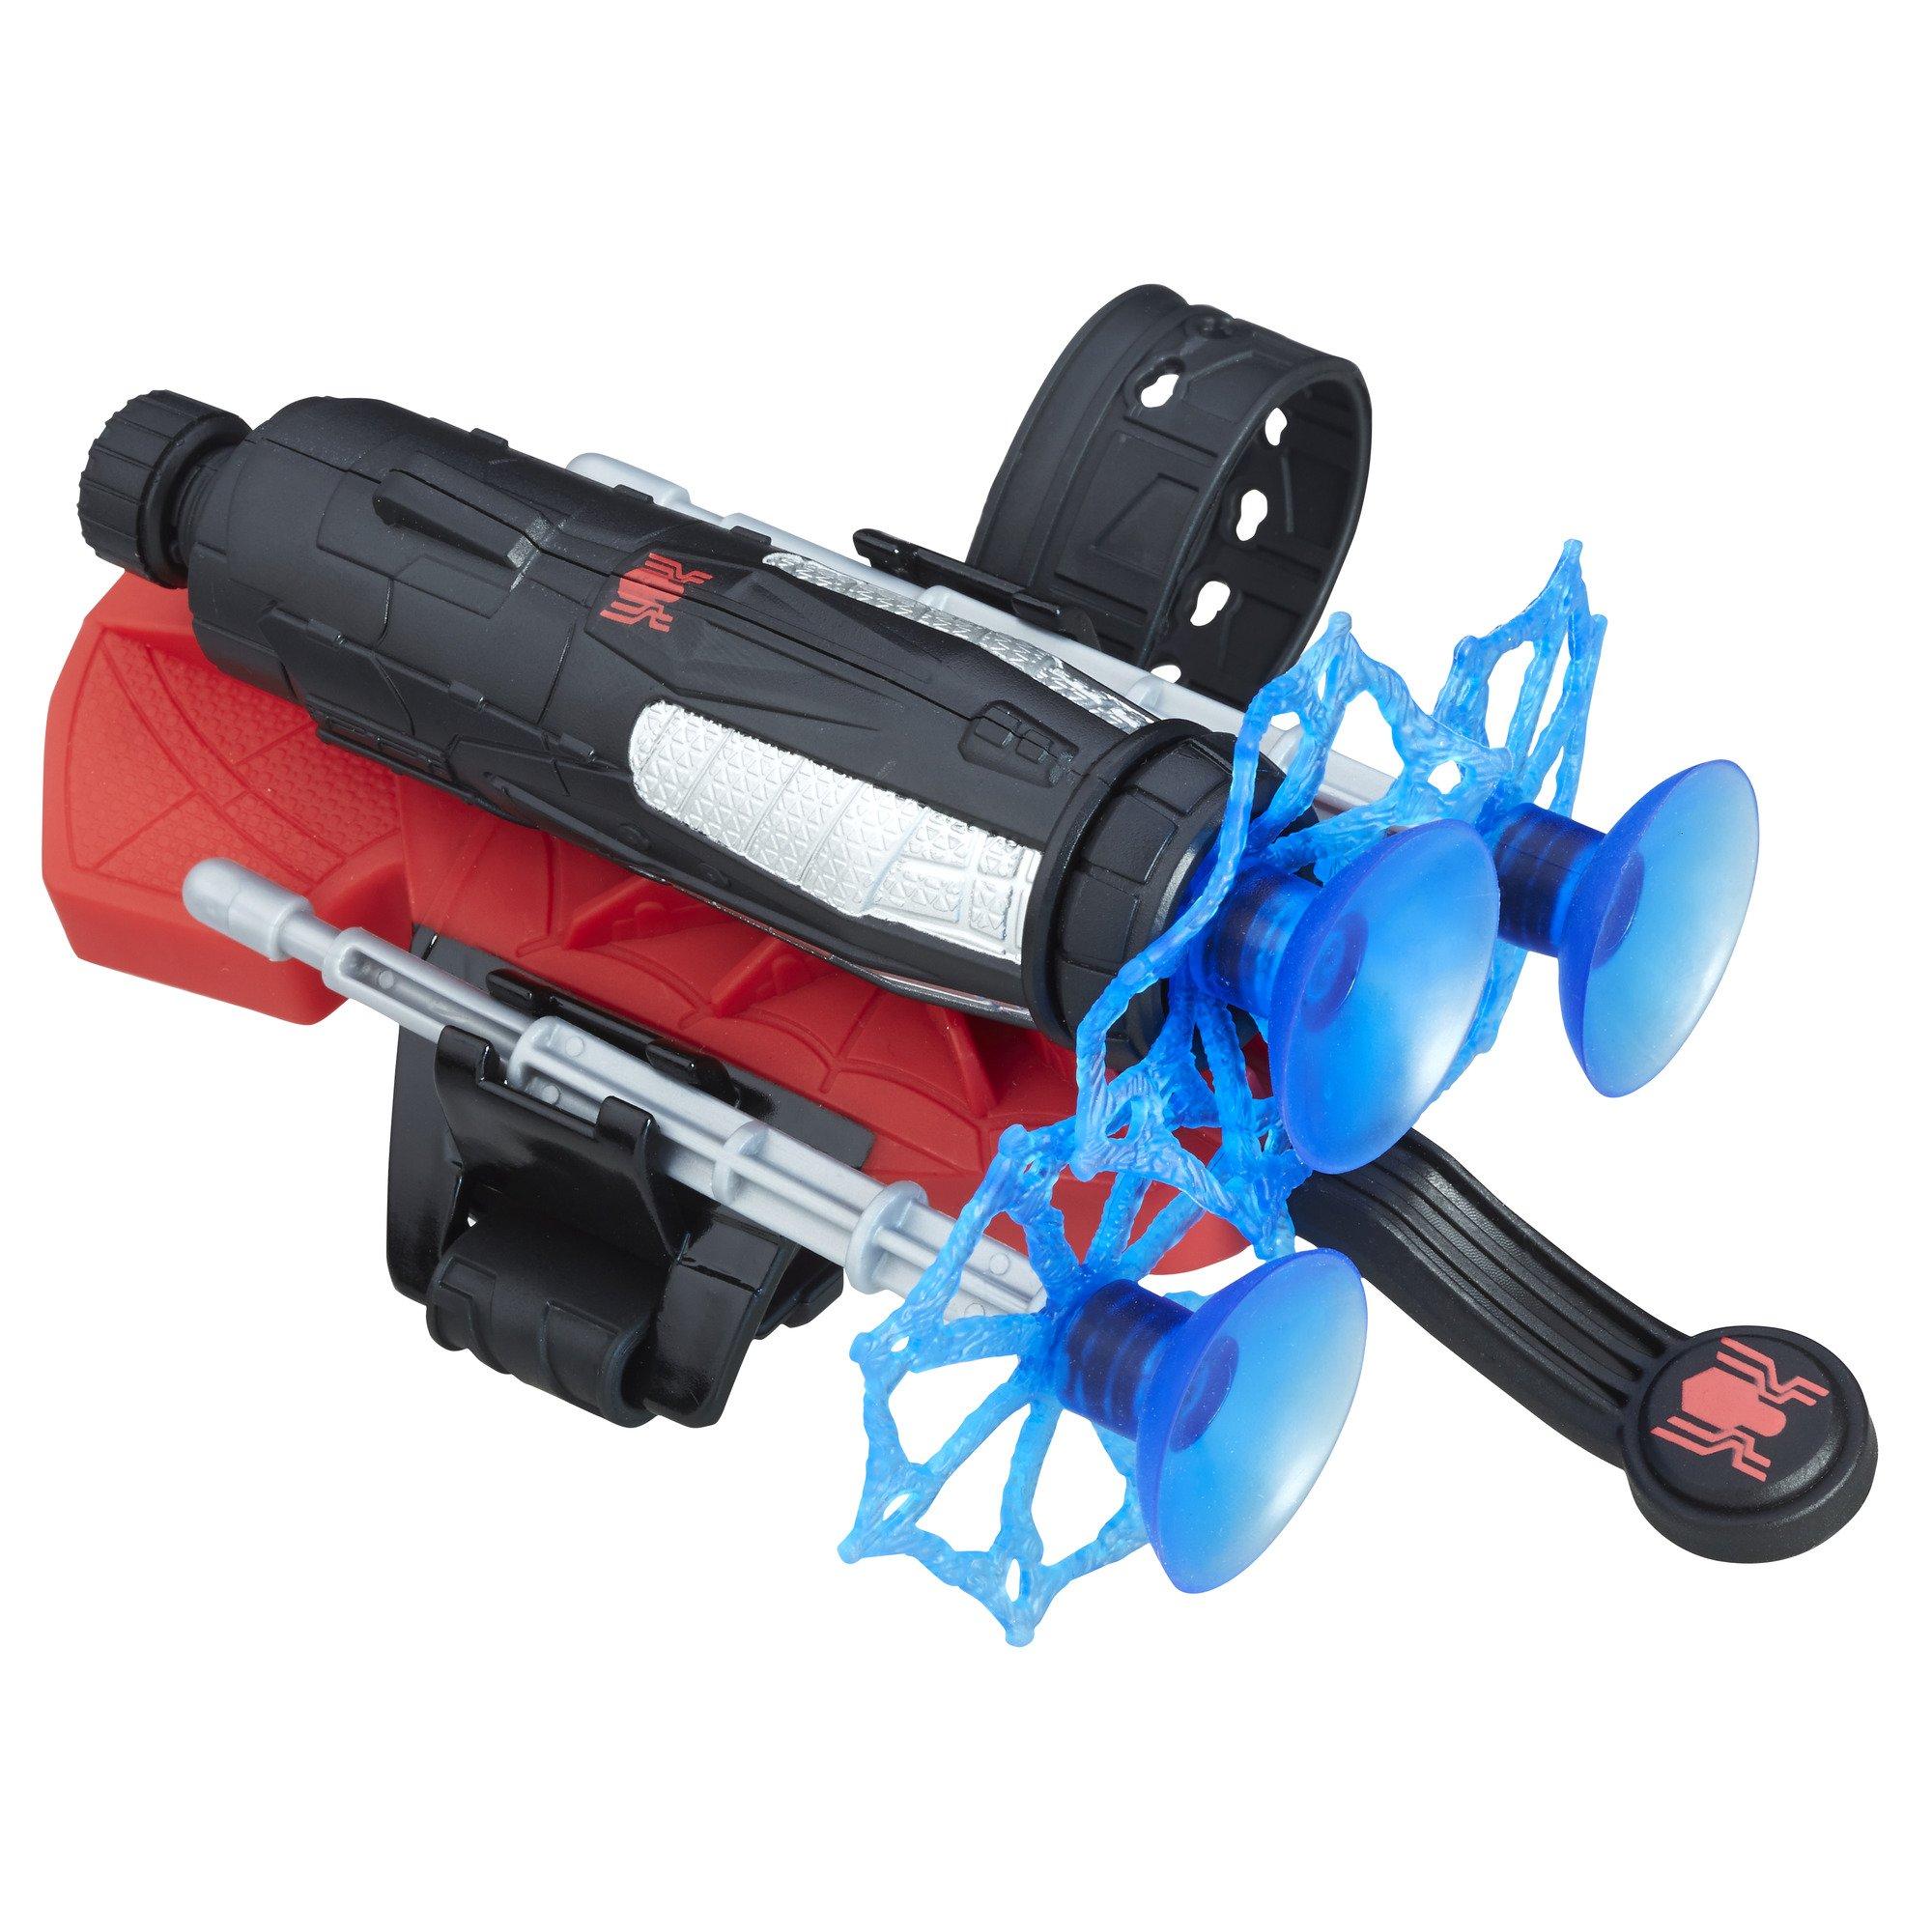 Spider-Man Marvel Web Dart Blaster by Spider-Man (Image #1)